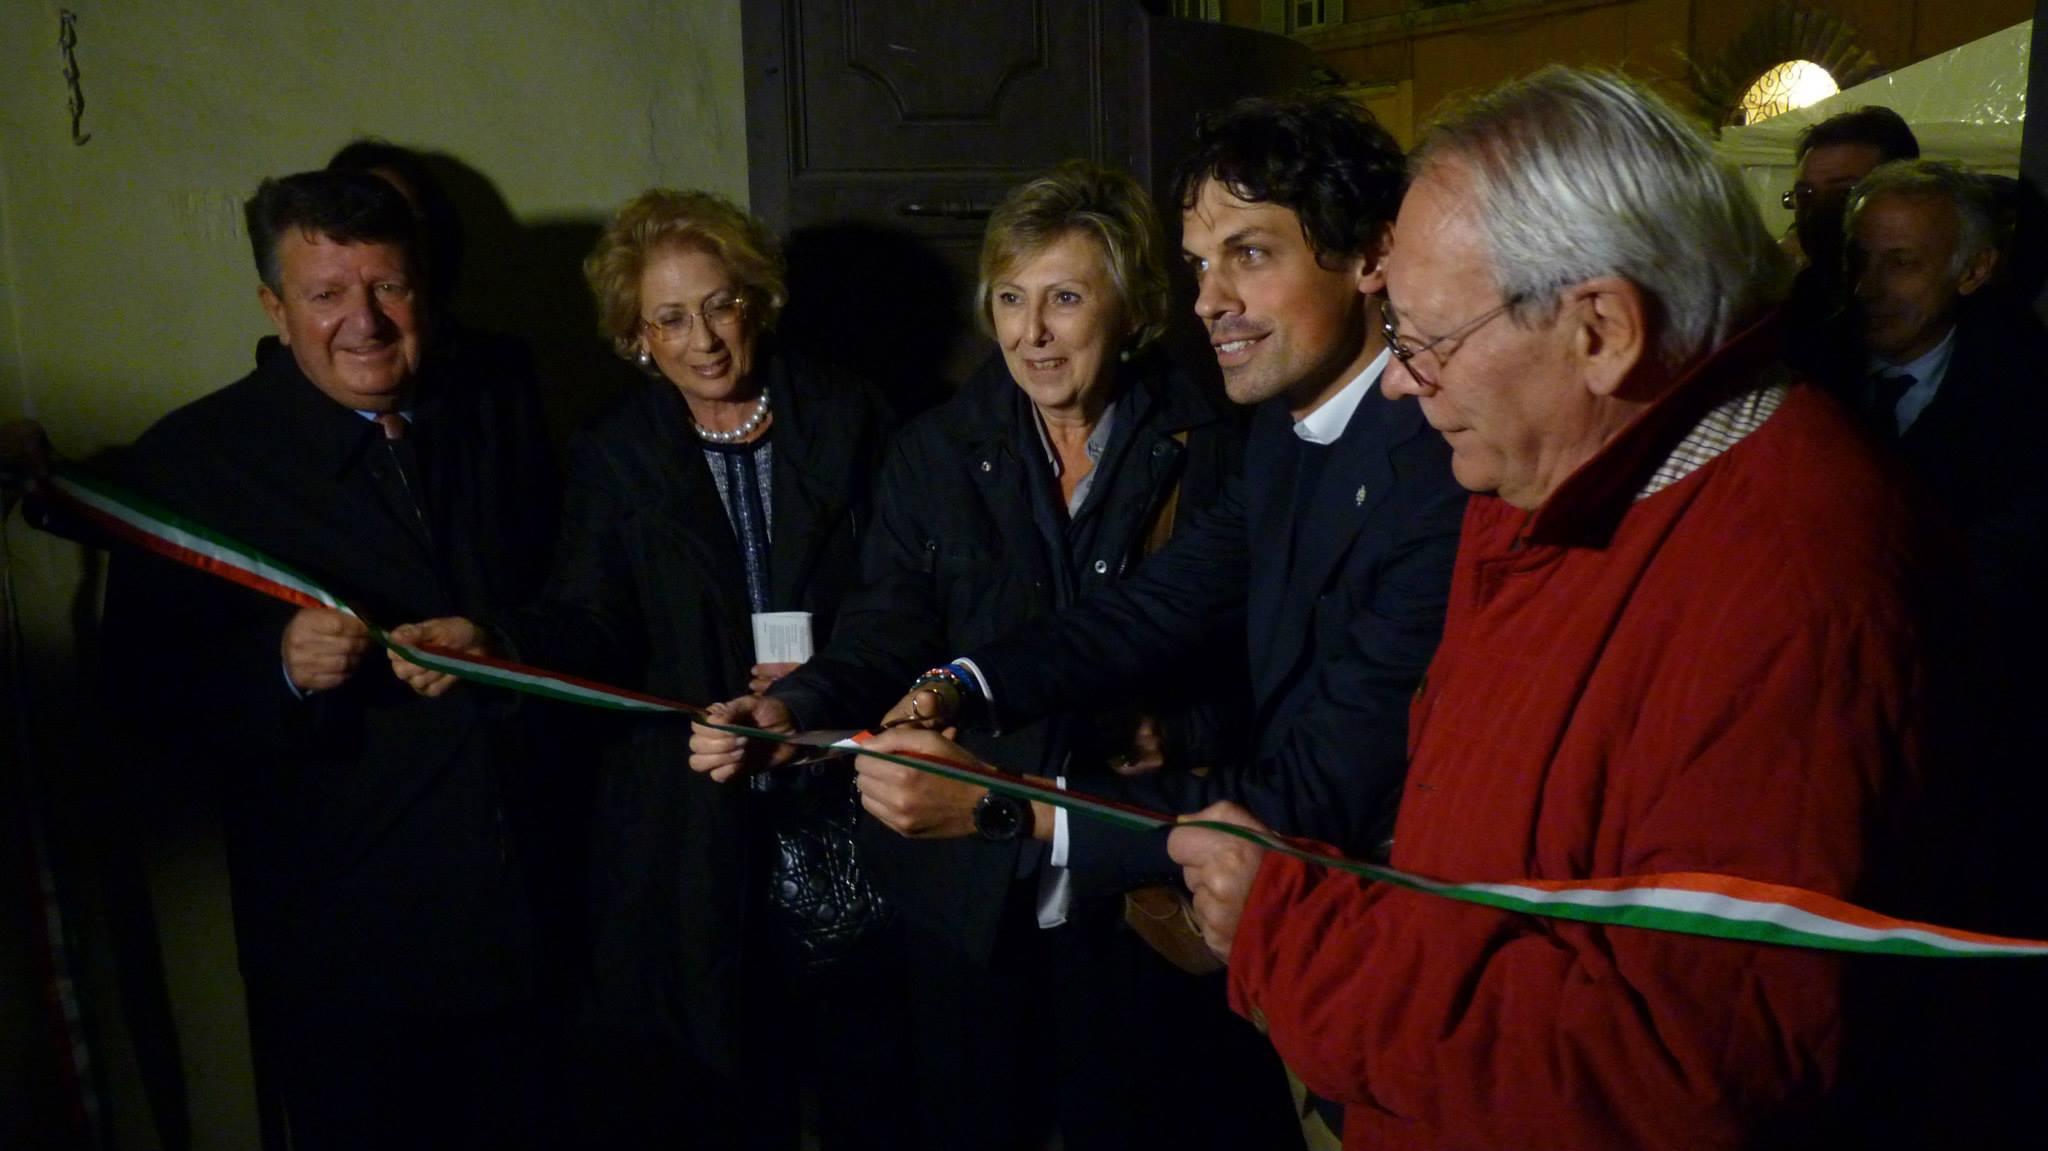 Con Machiavelli e l'arte della guerra nell'Umbria del'500: taglio del nastro per la mostra a palazzo Baldeschi